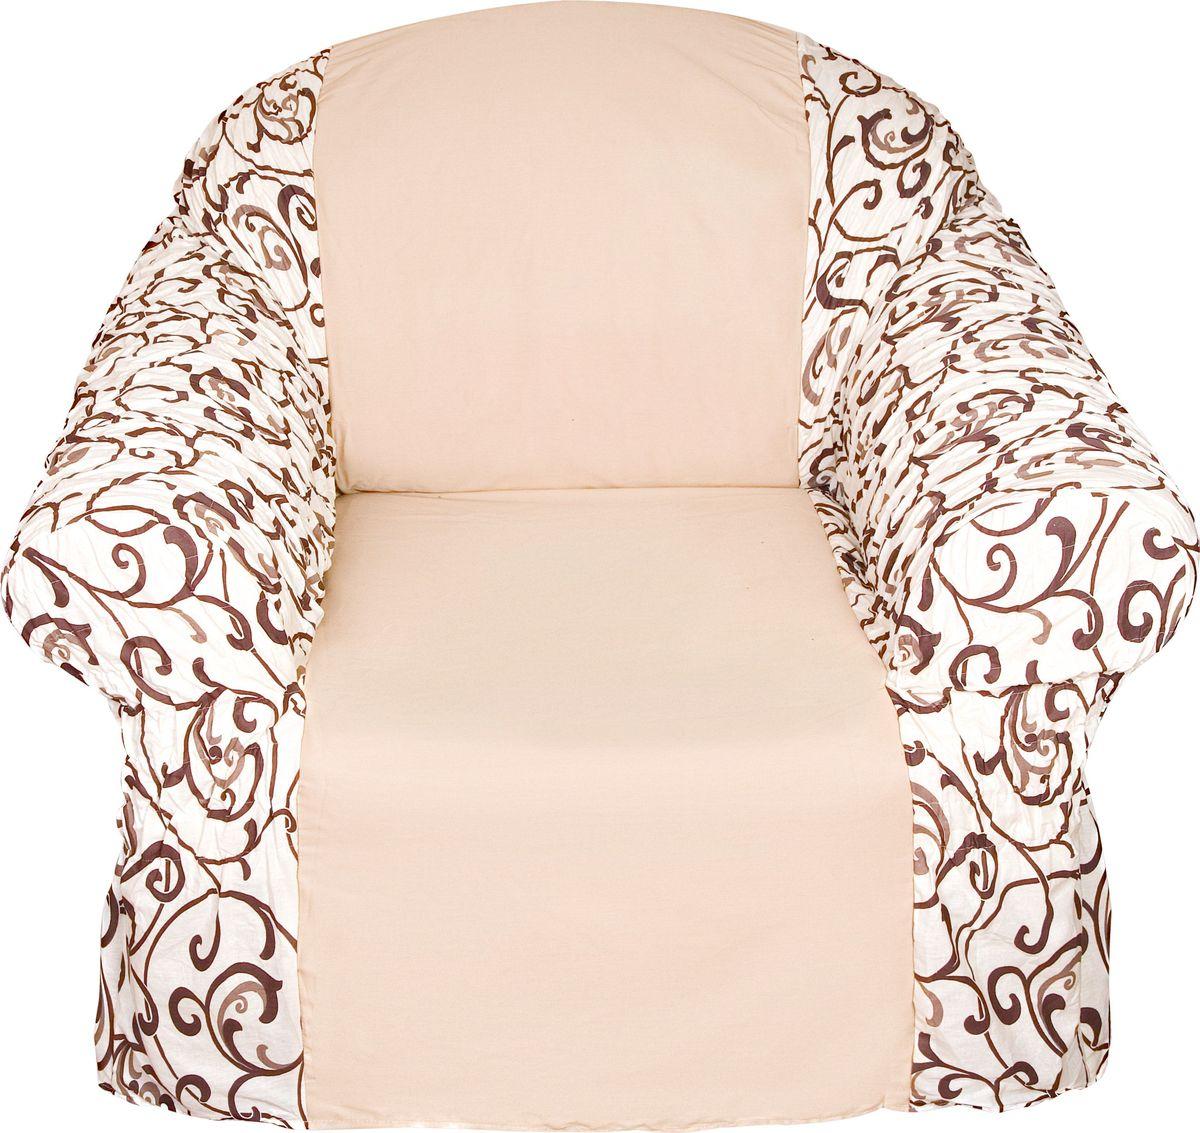 Чехол на кресло Медежда Бостон, цвет: бежевый чехол на двухместный диван медежда лидс цвет бежевый